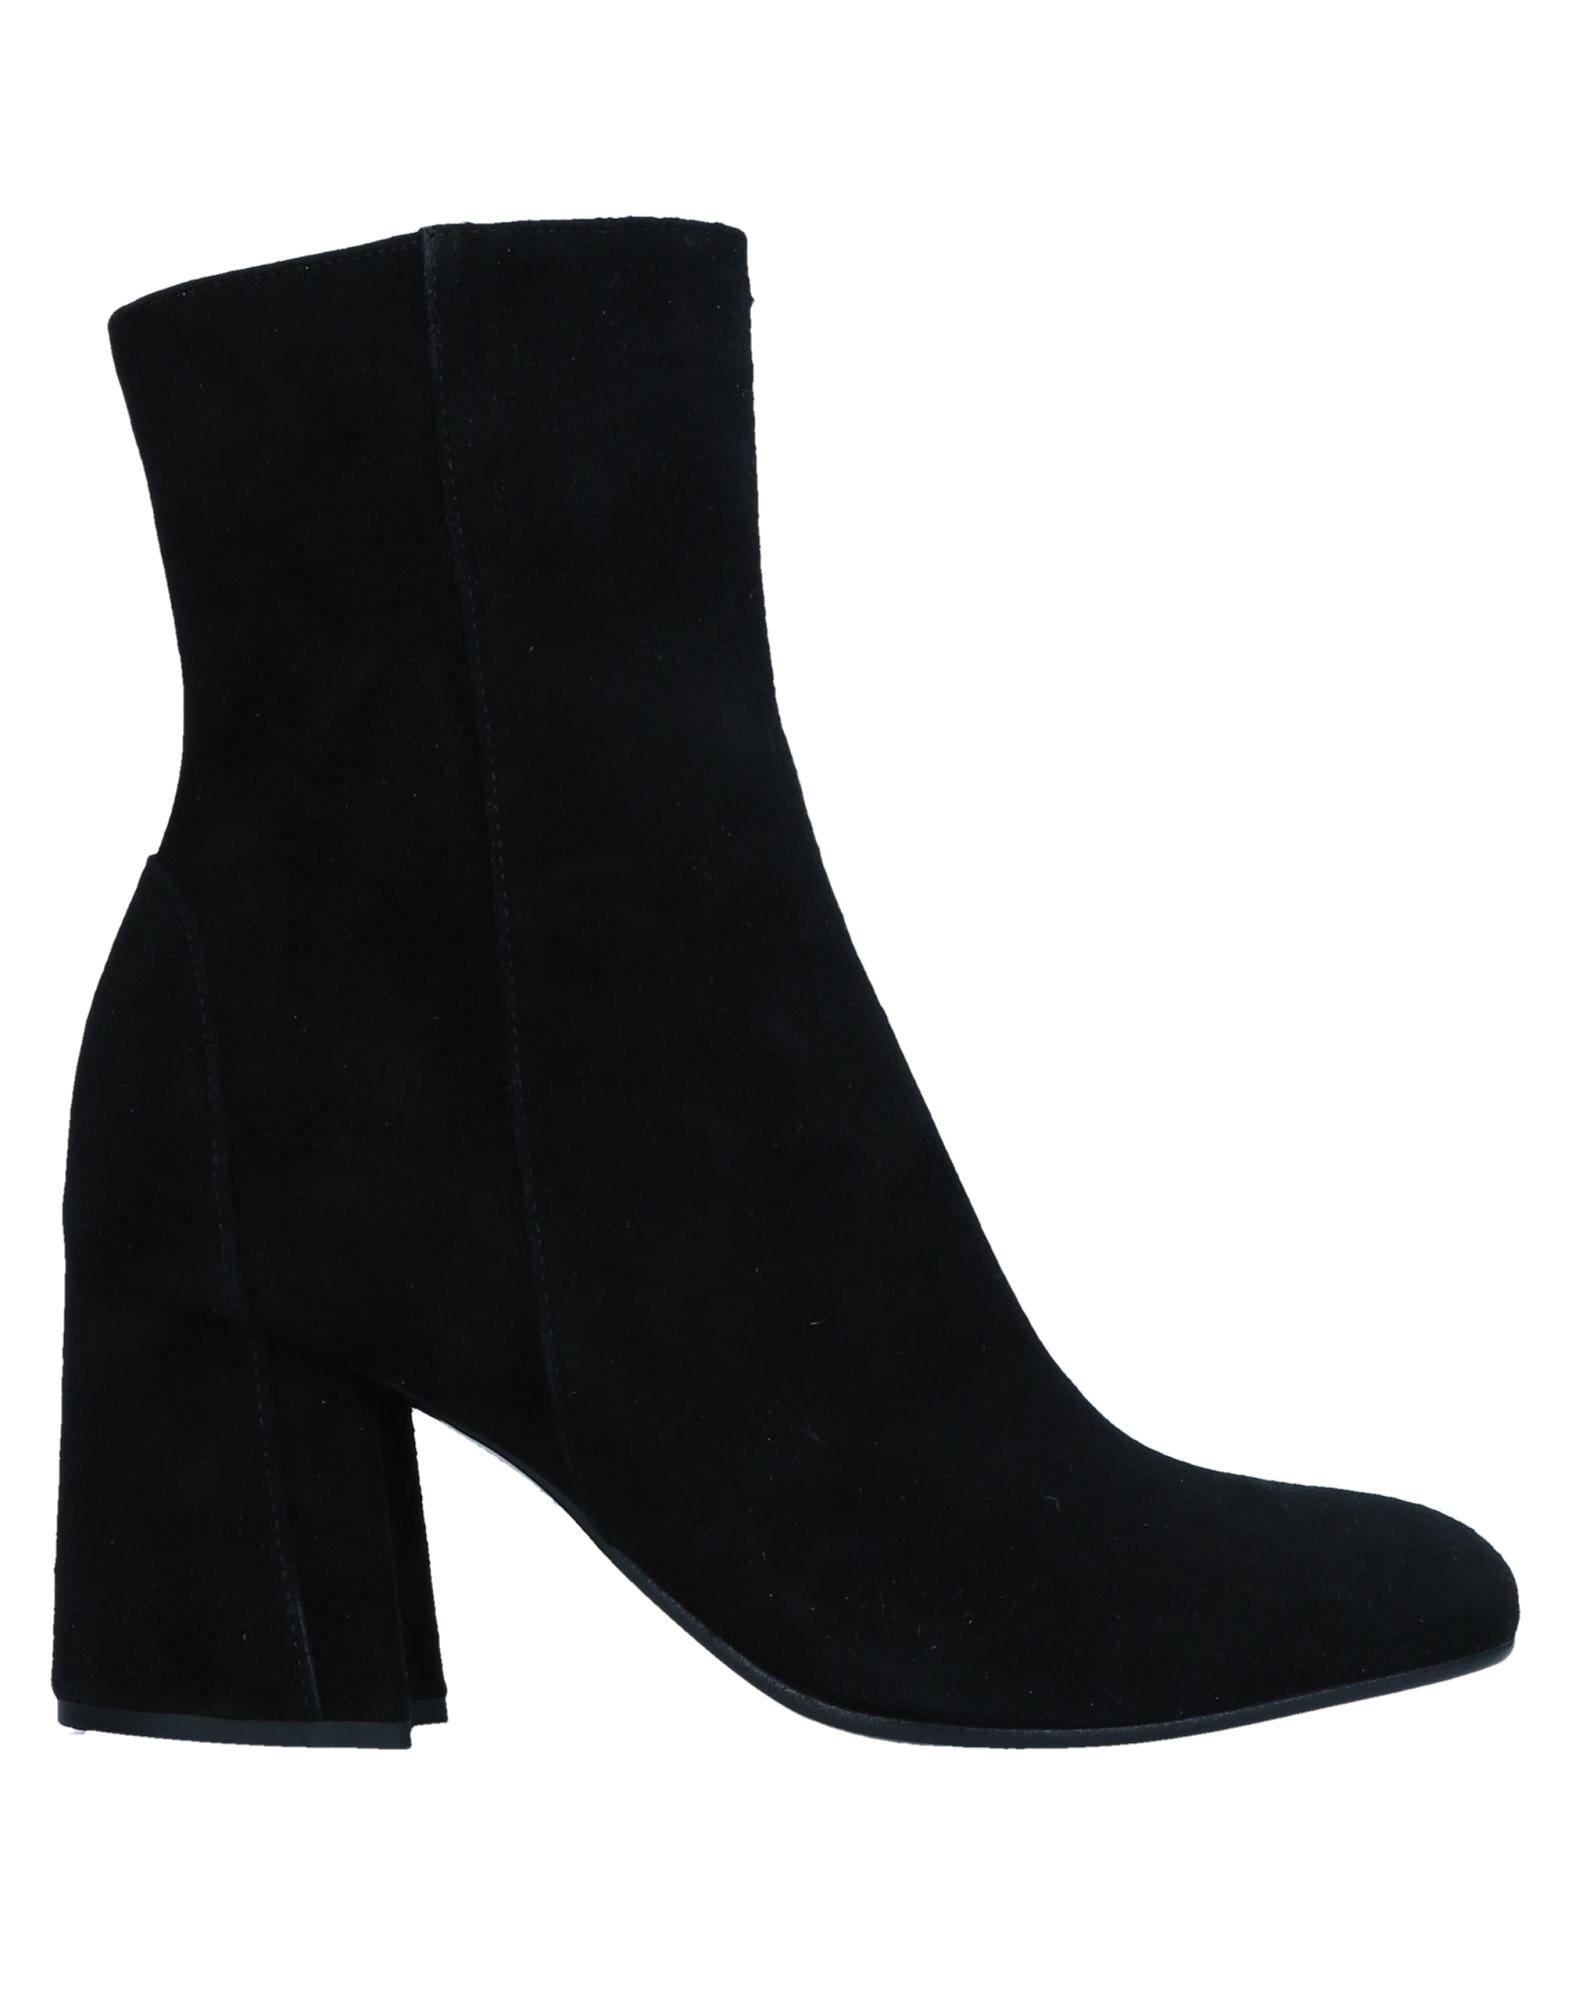 Gut um billige Stiefelette Schuhe zu tragenMarie Elodie Stiefelette billige Damen  11545430PG 0fc2e0